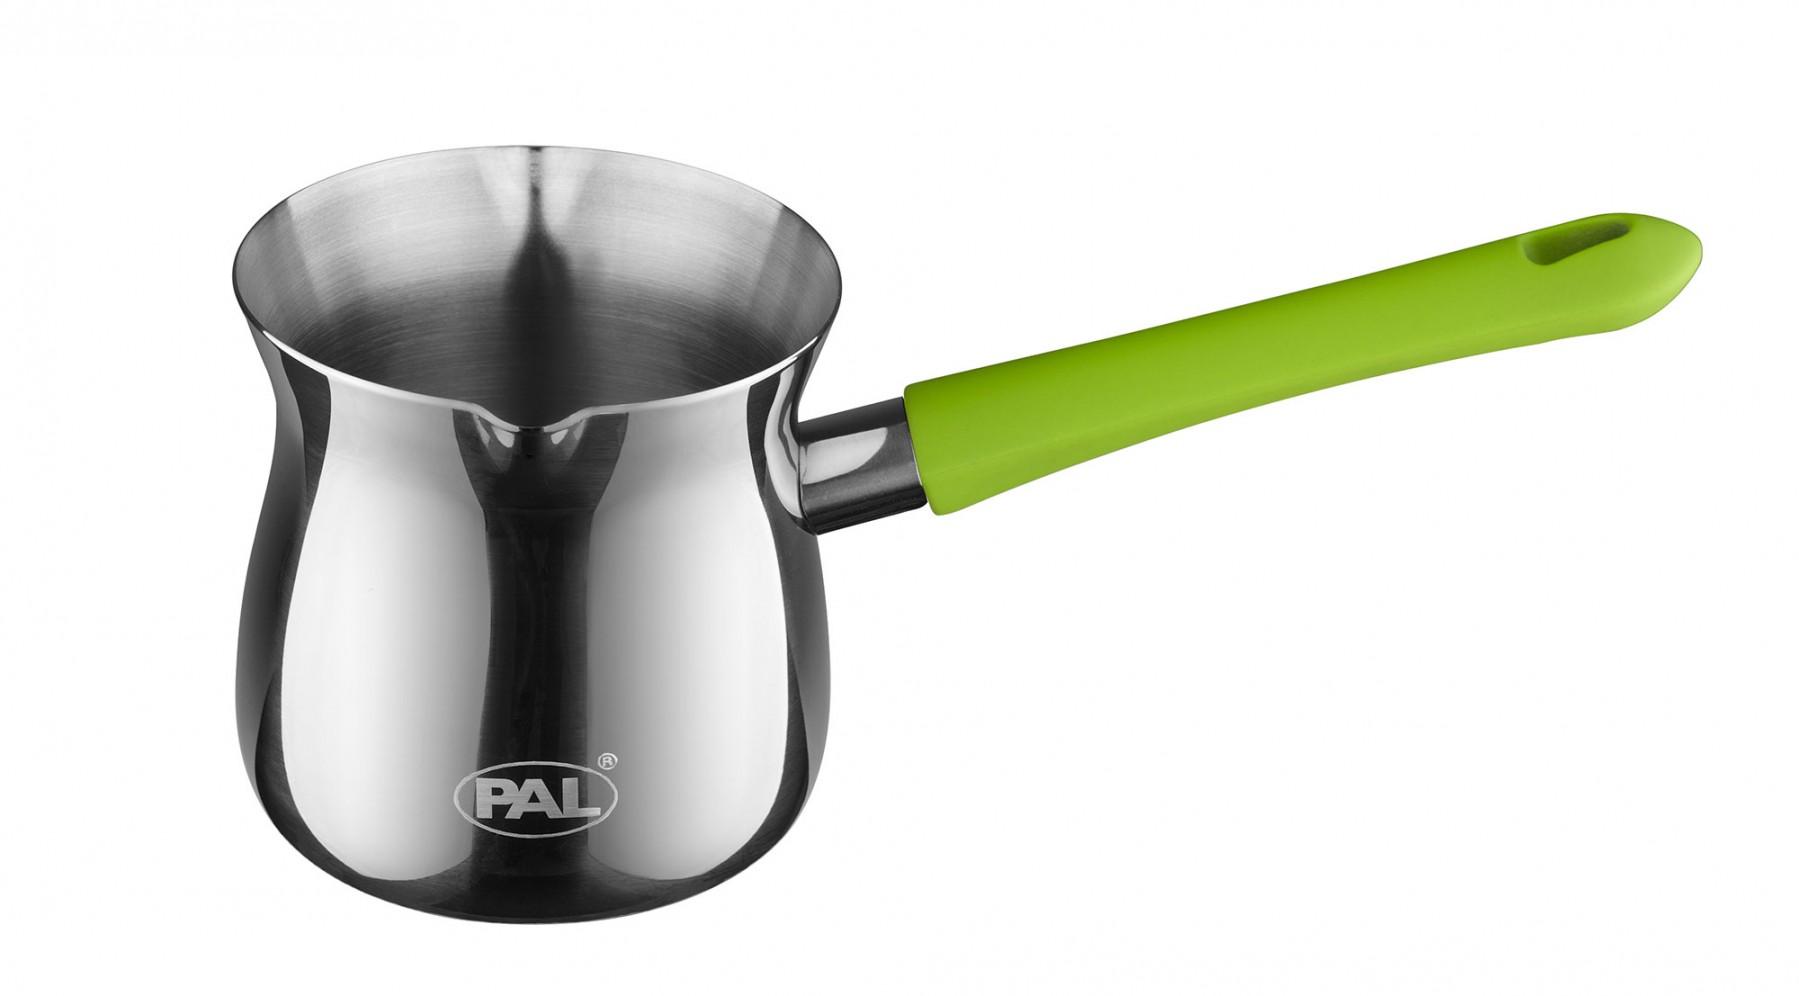 Μπρίκι Ανoξείδωτο PAL Titanium 18/8 No9 380ml PAL Colors 50000506 Πράσινο